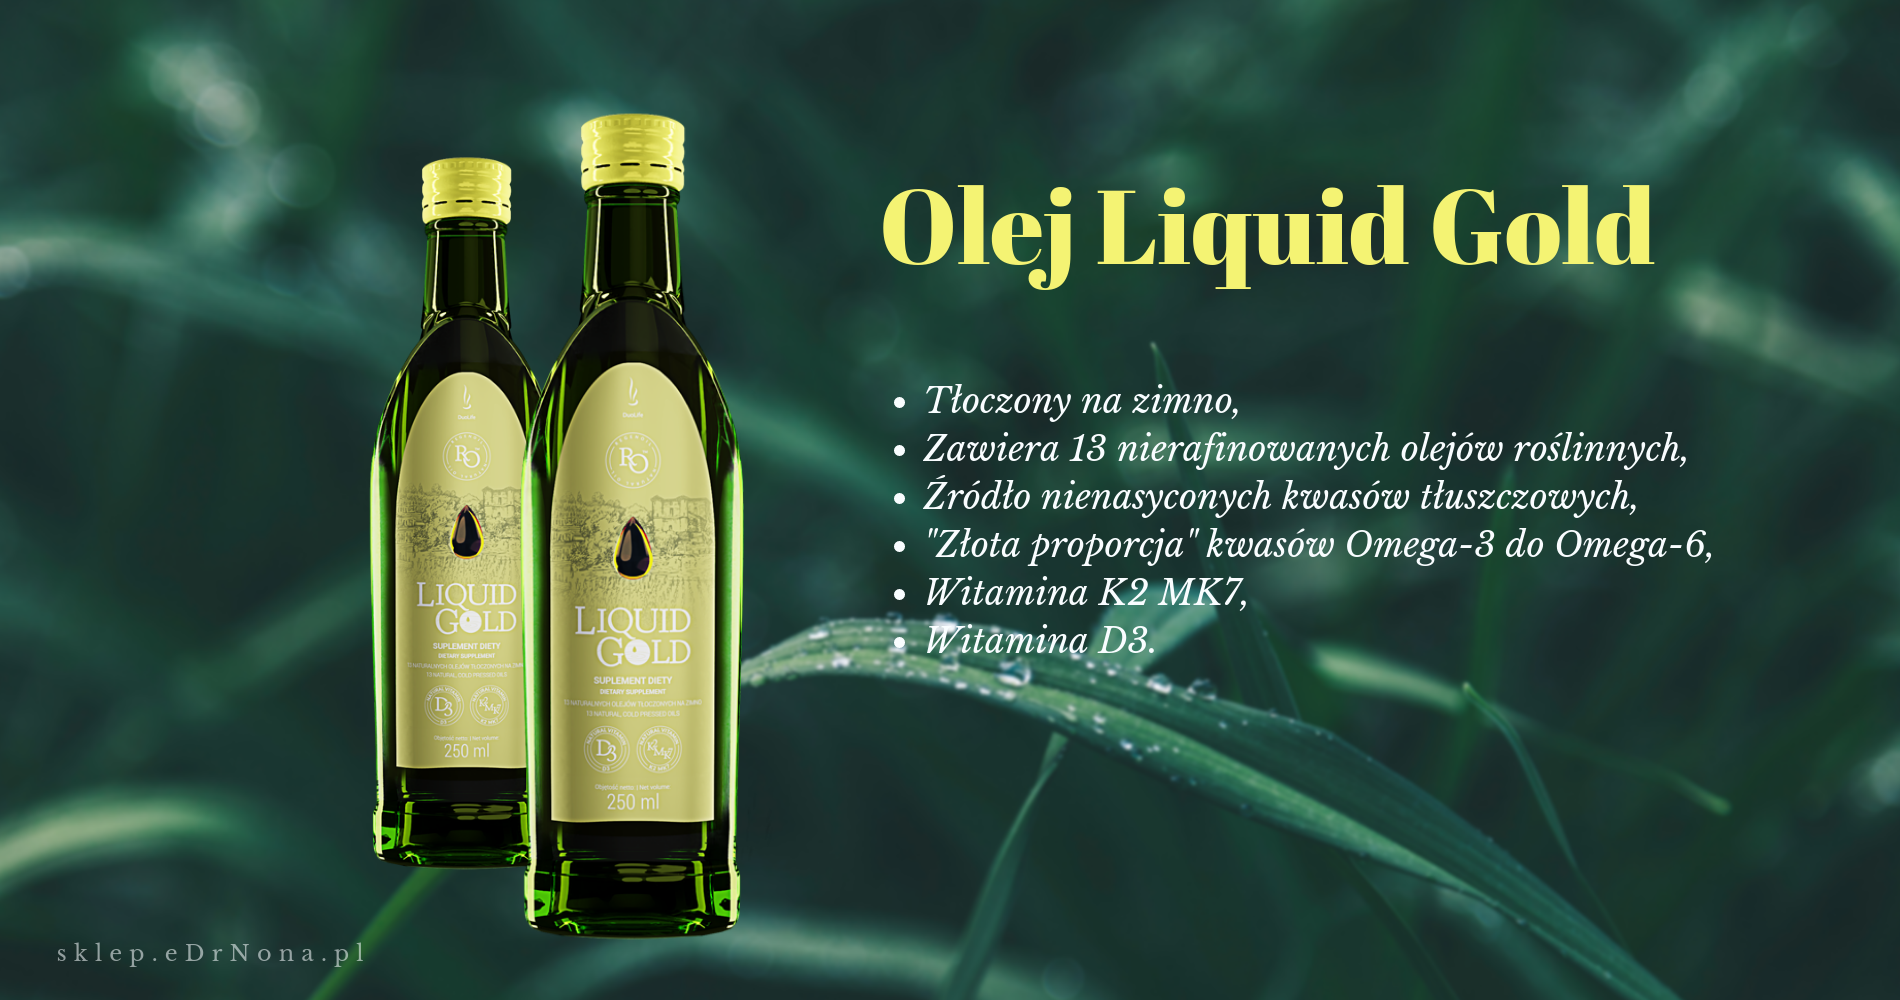 Olej liquid gold duolife dr nona